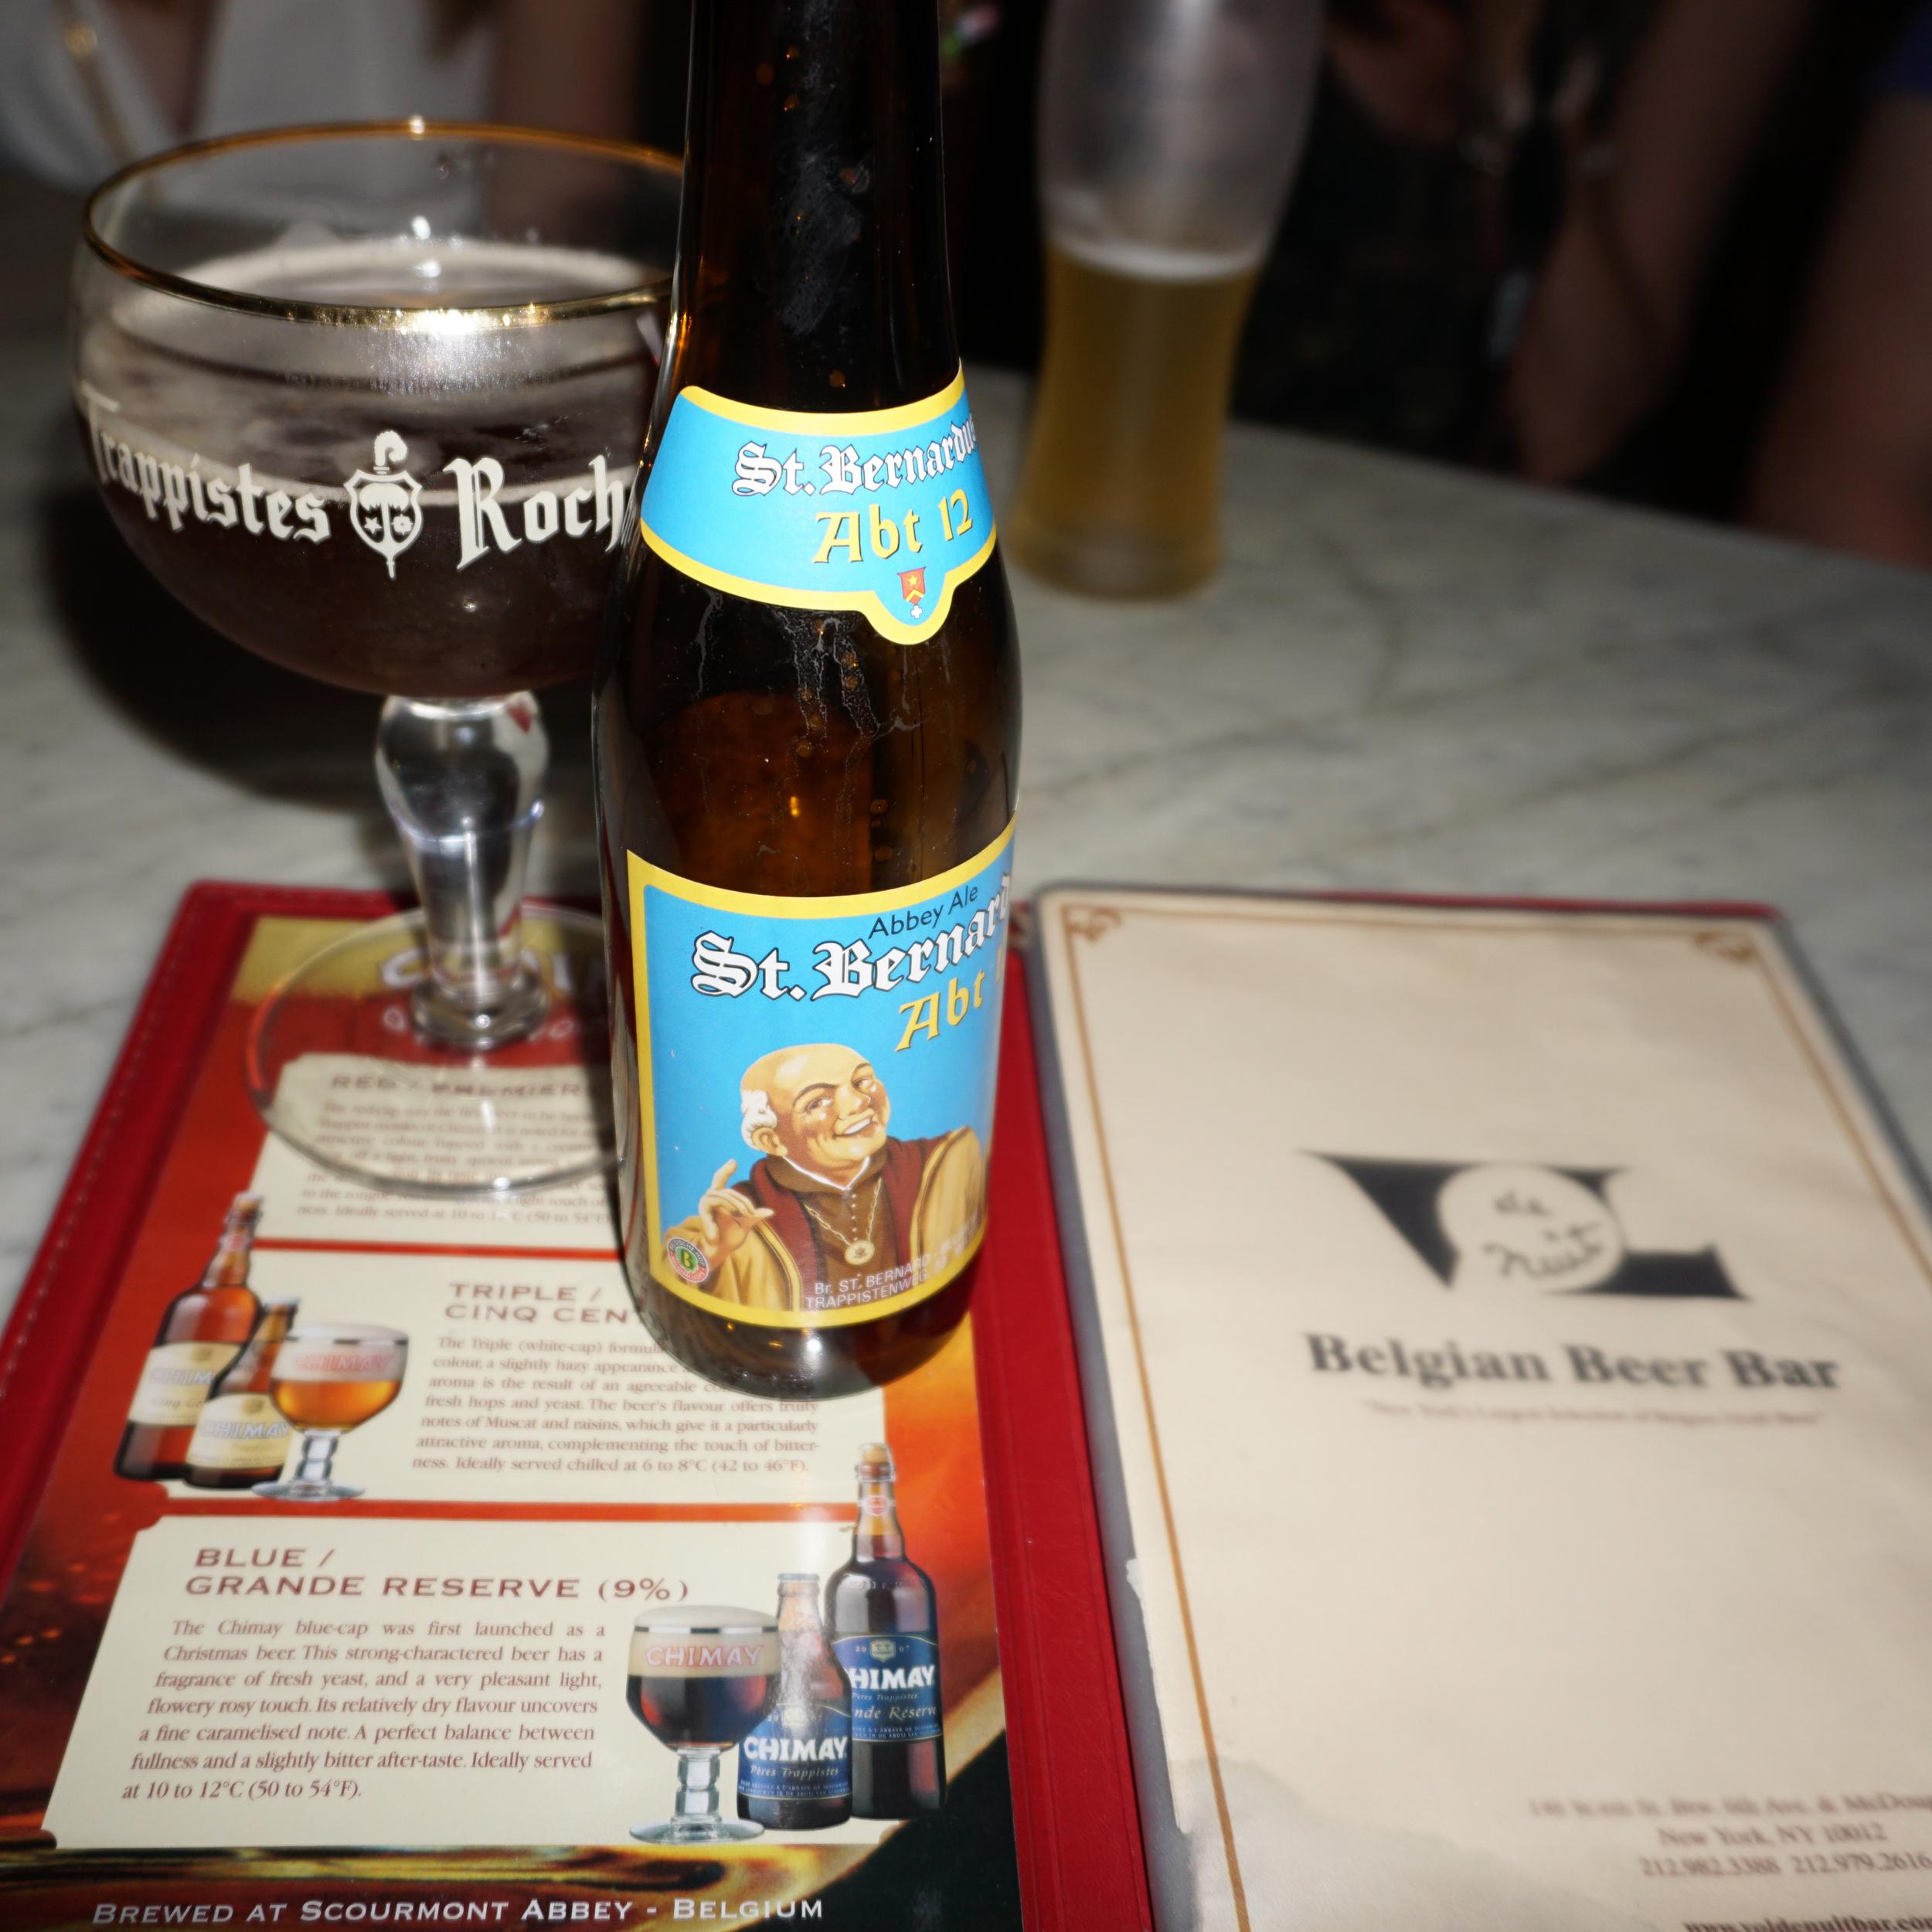 st-bernardus-abt-cocktails-curiosities.jpg